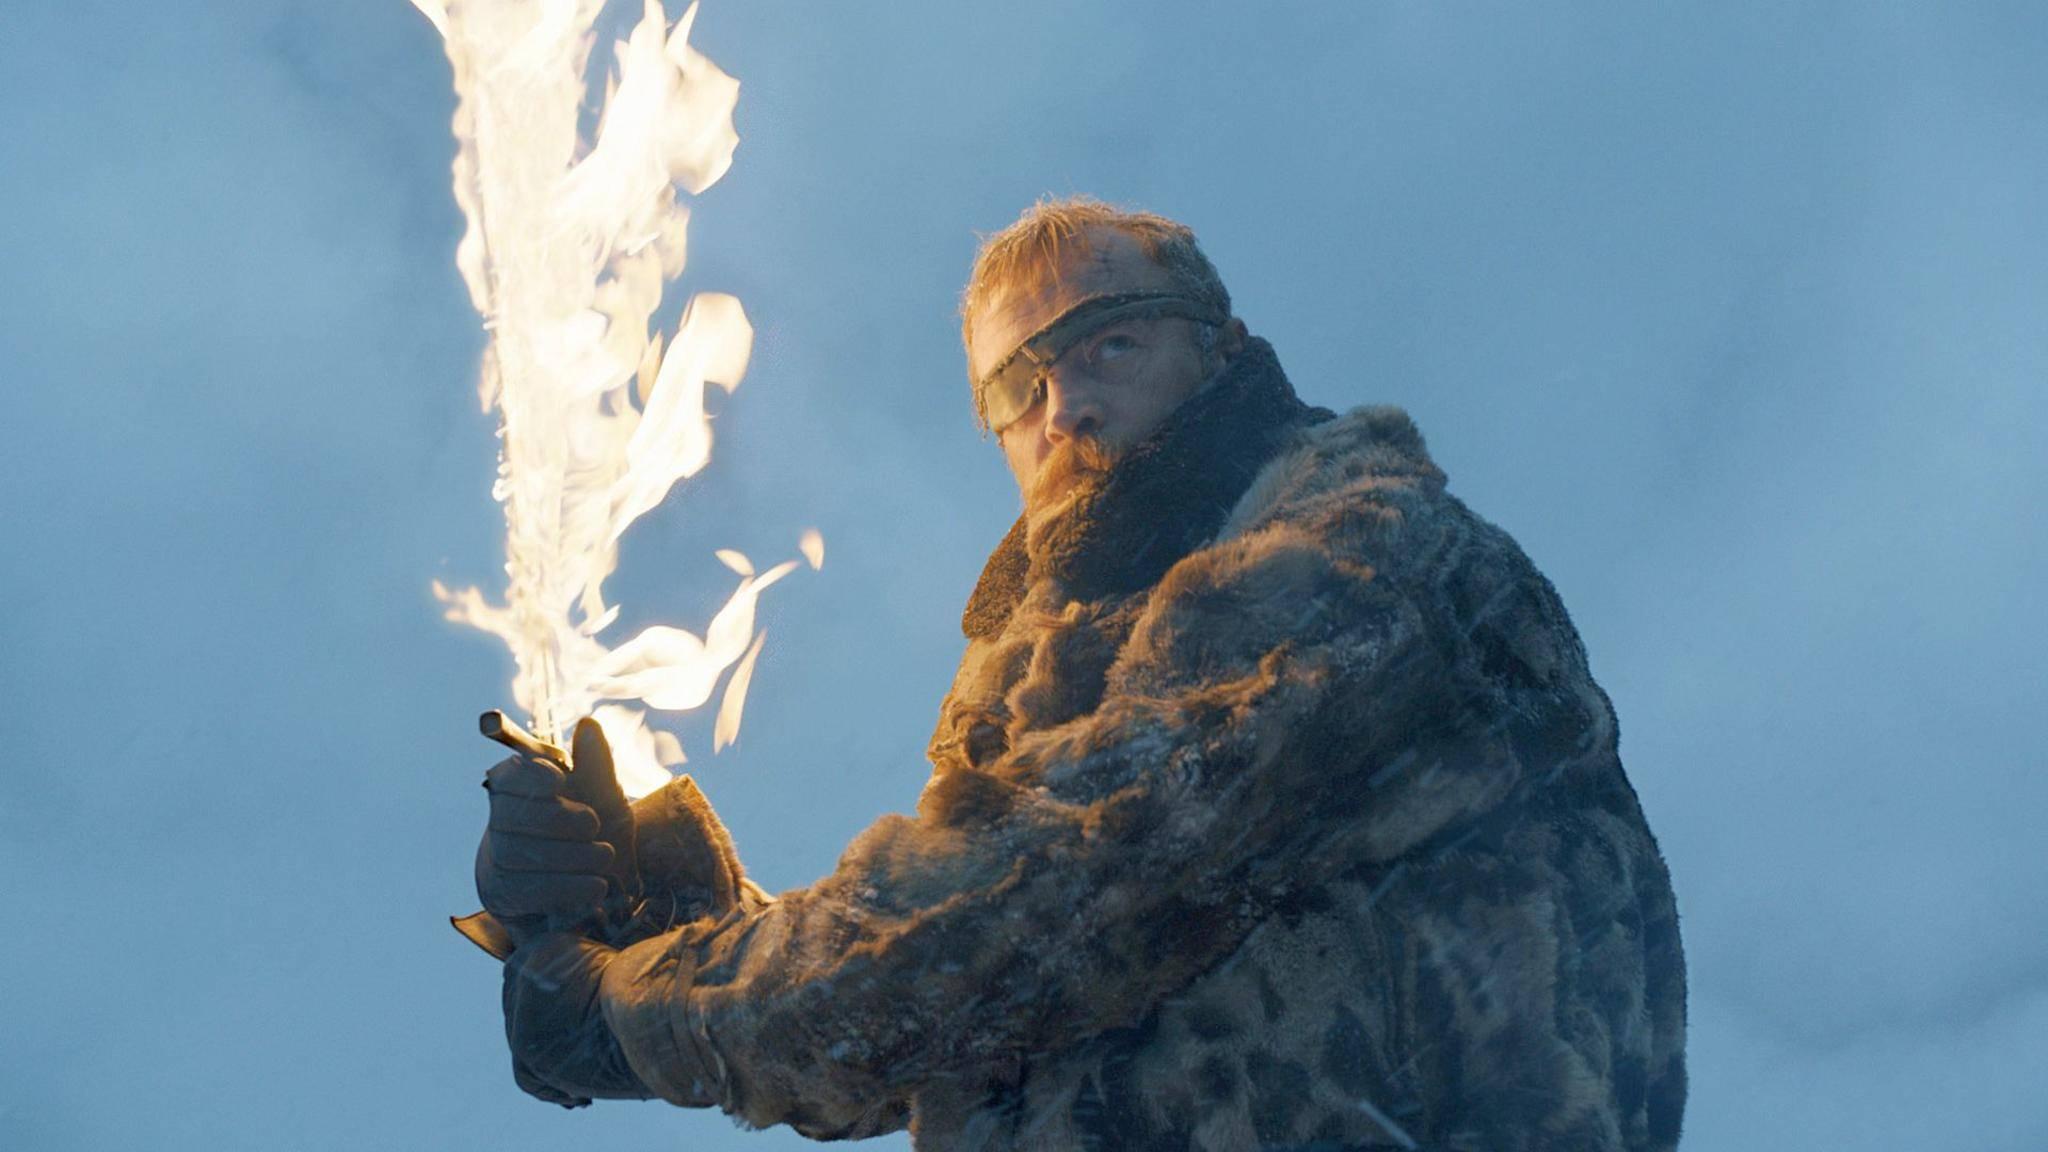 """Beric-Darsteller Richard Dormer spielte in Episode 6 von """"Game of Thrones"""" tatsächlich mit dem Feuer."""